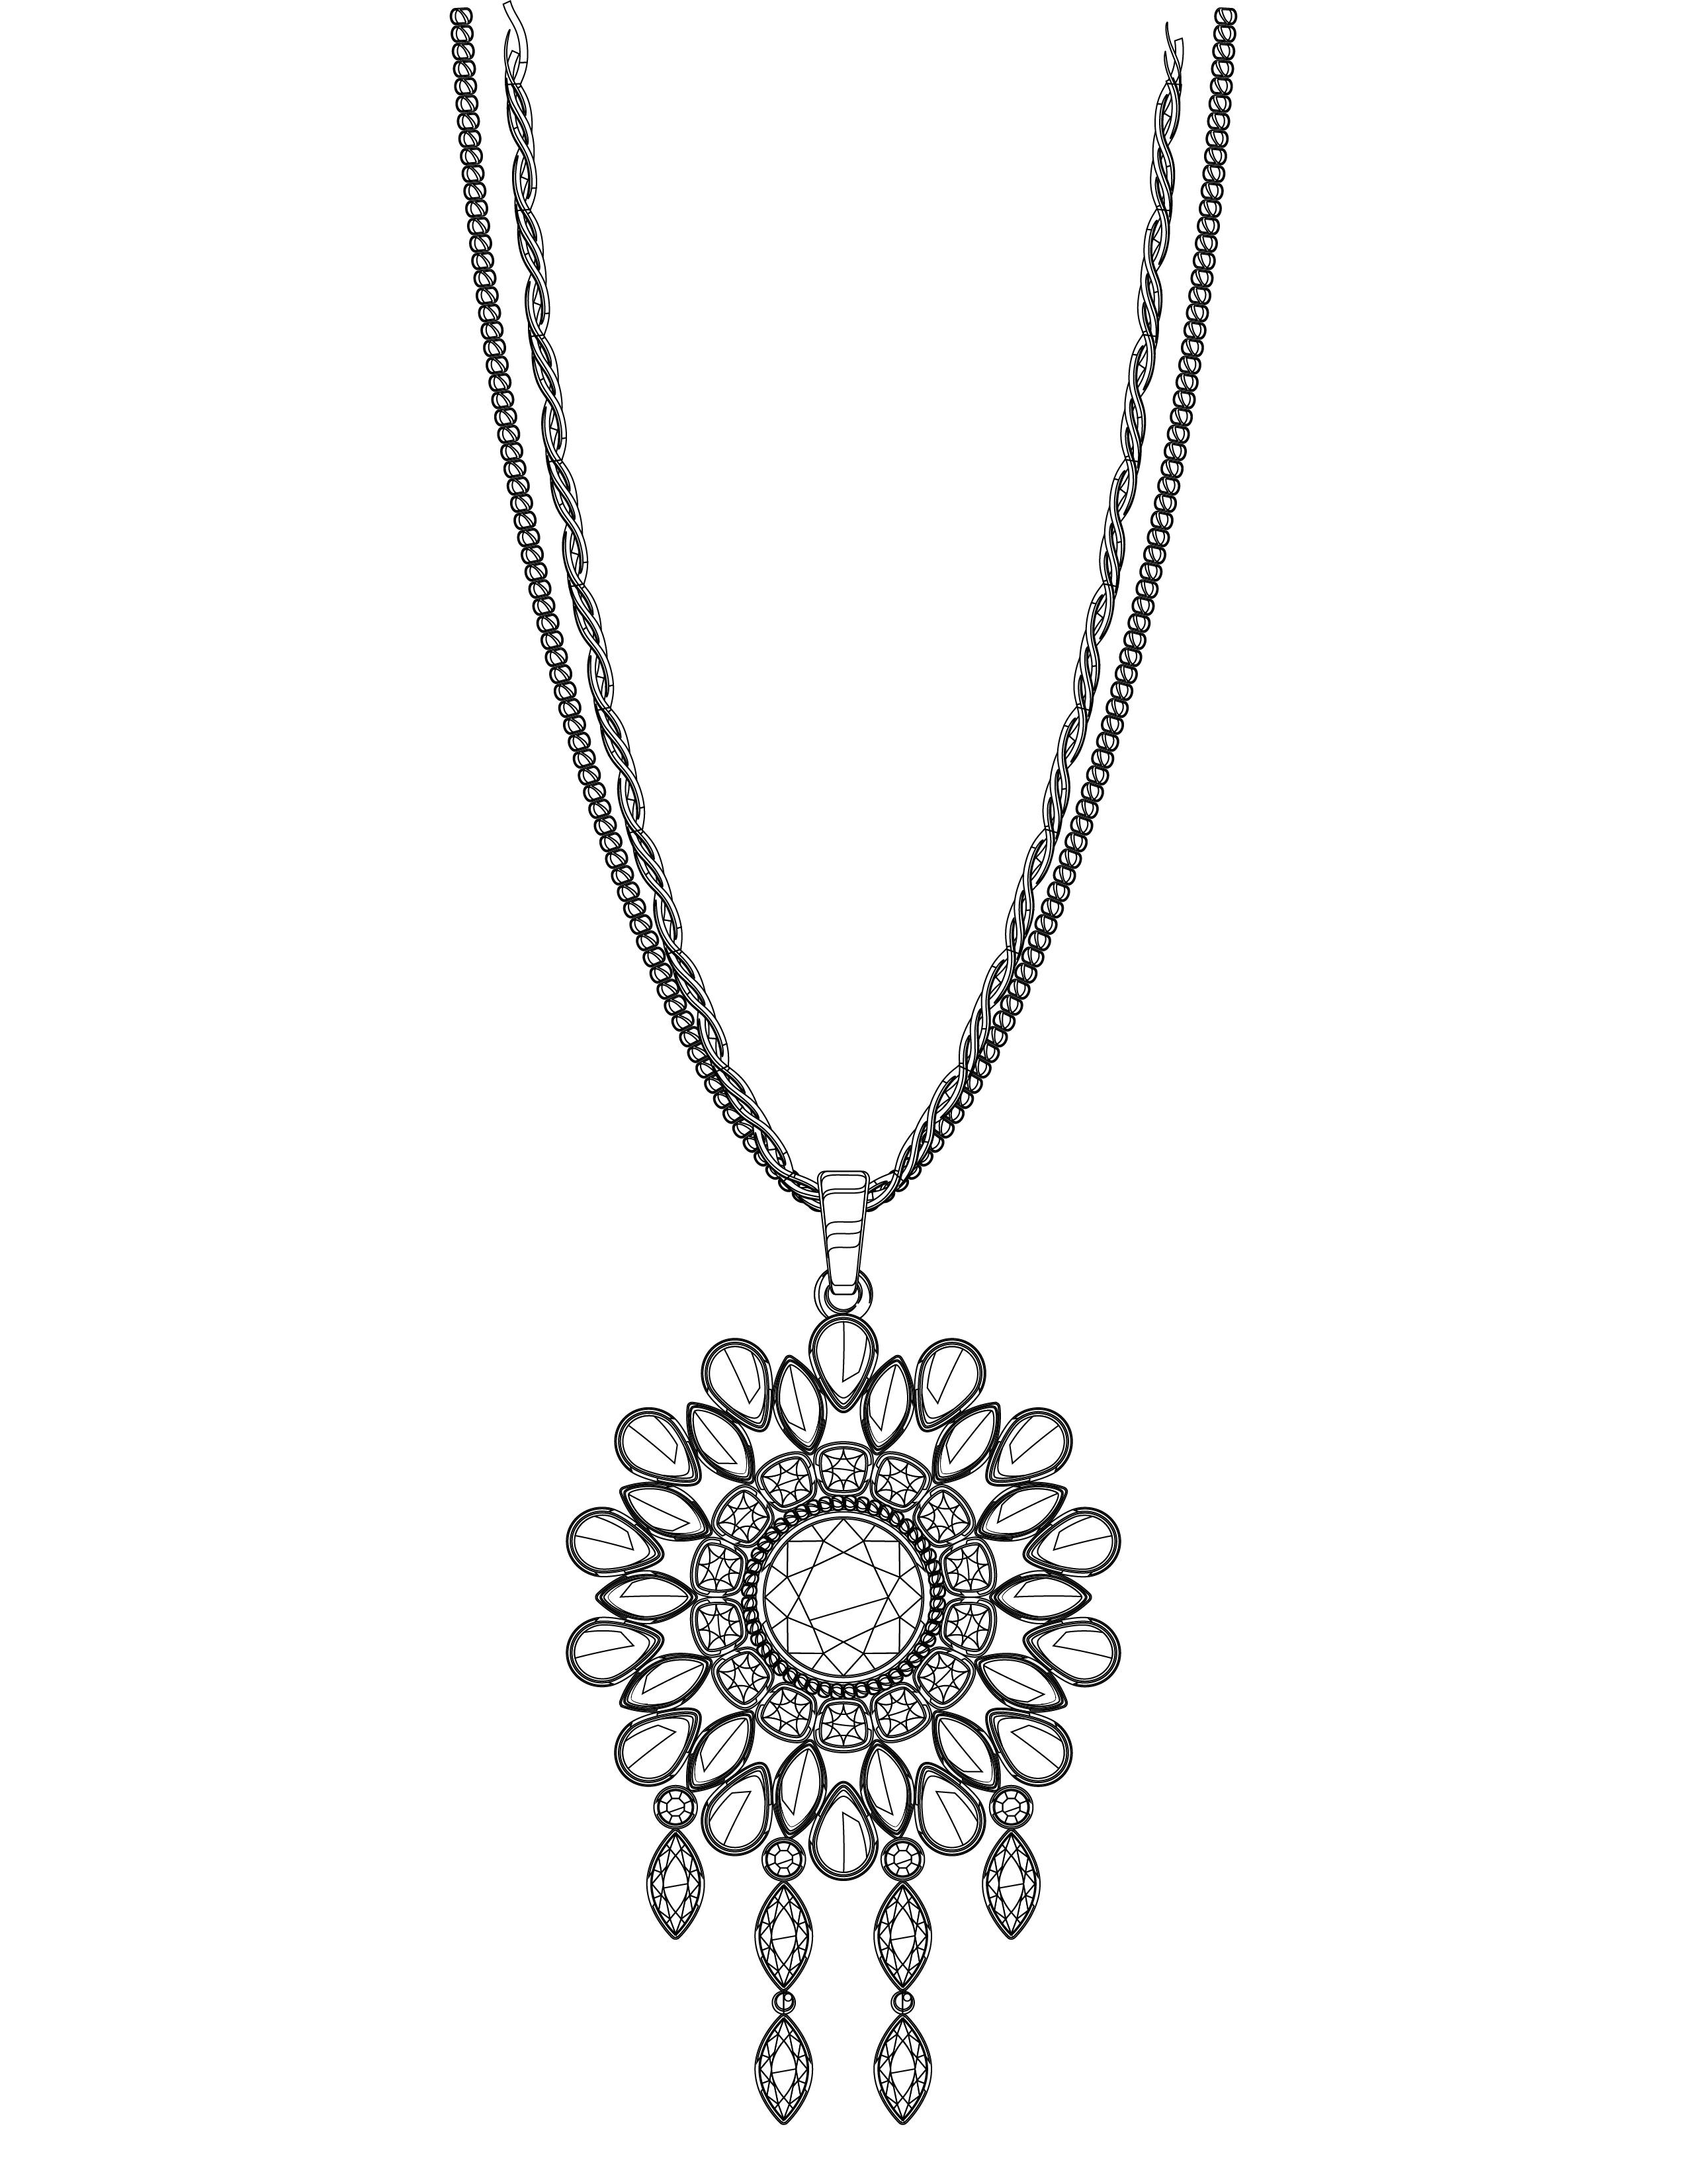 Coloriage cadeau collier femme imprimer - Dessin de soleil a imprimer ...